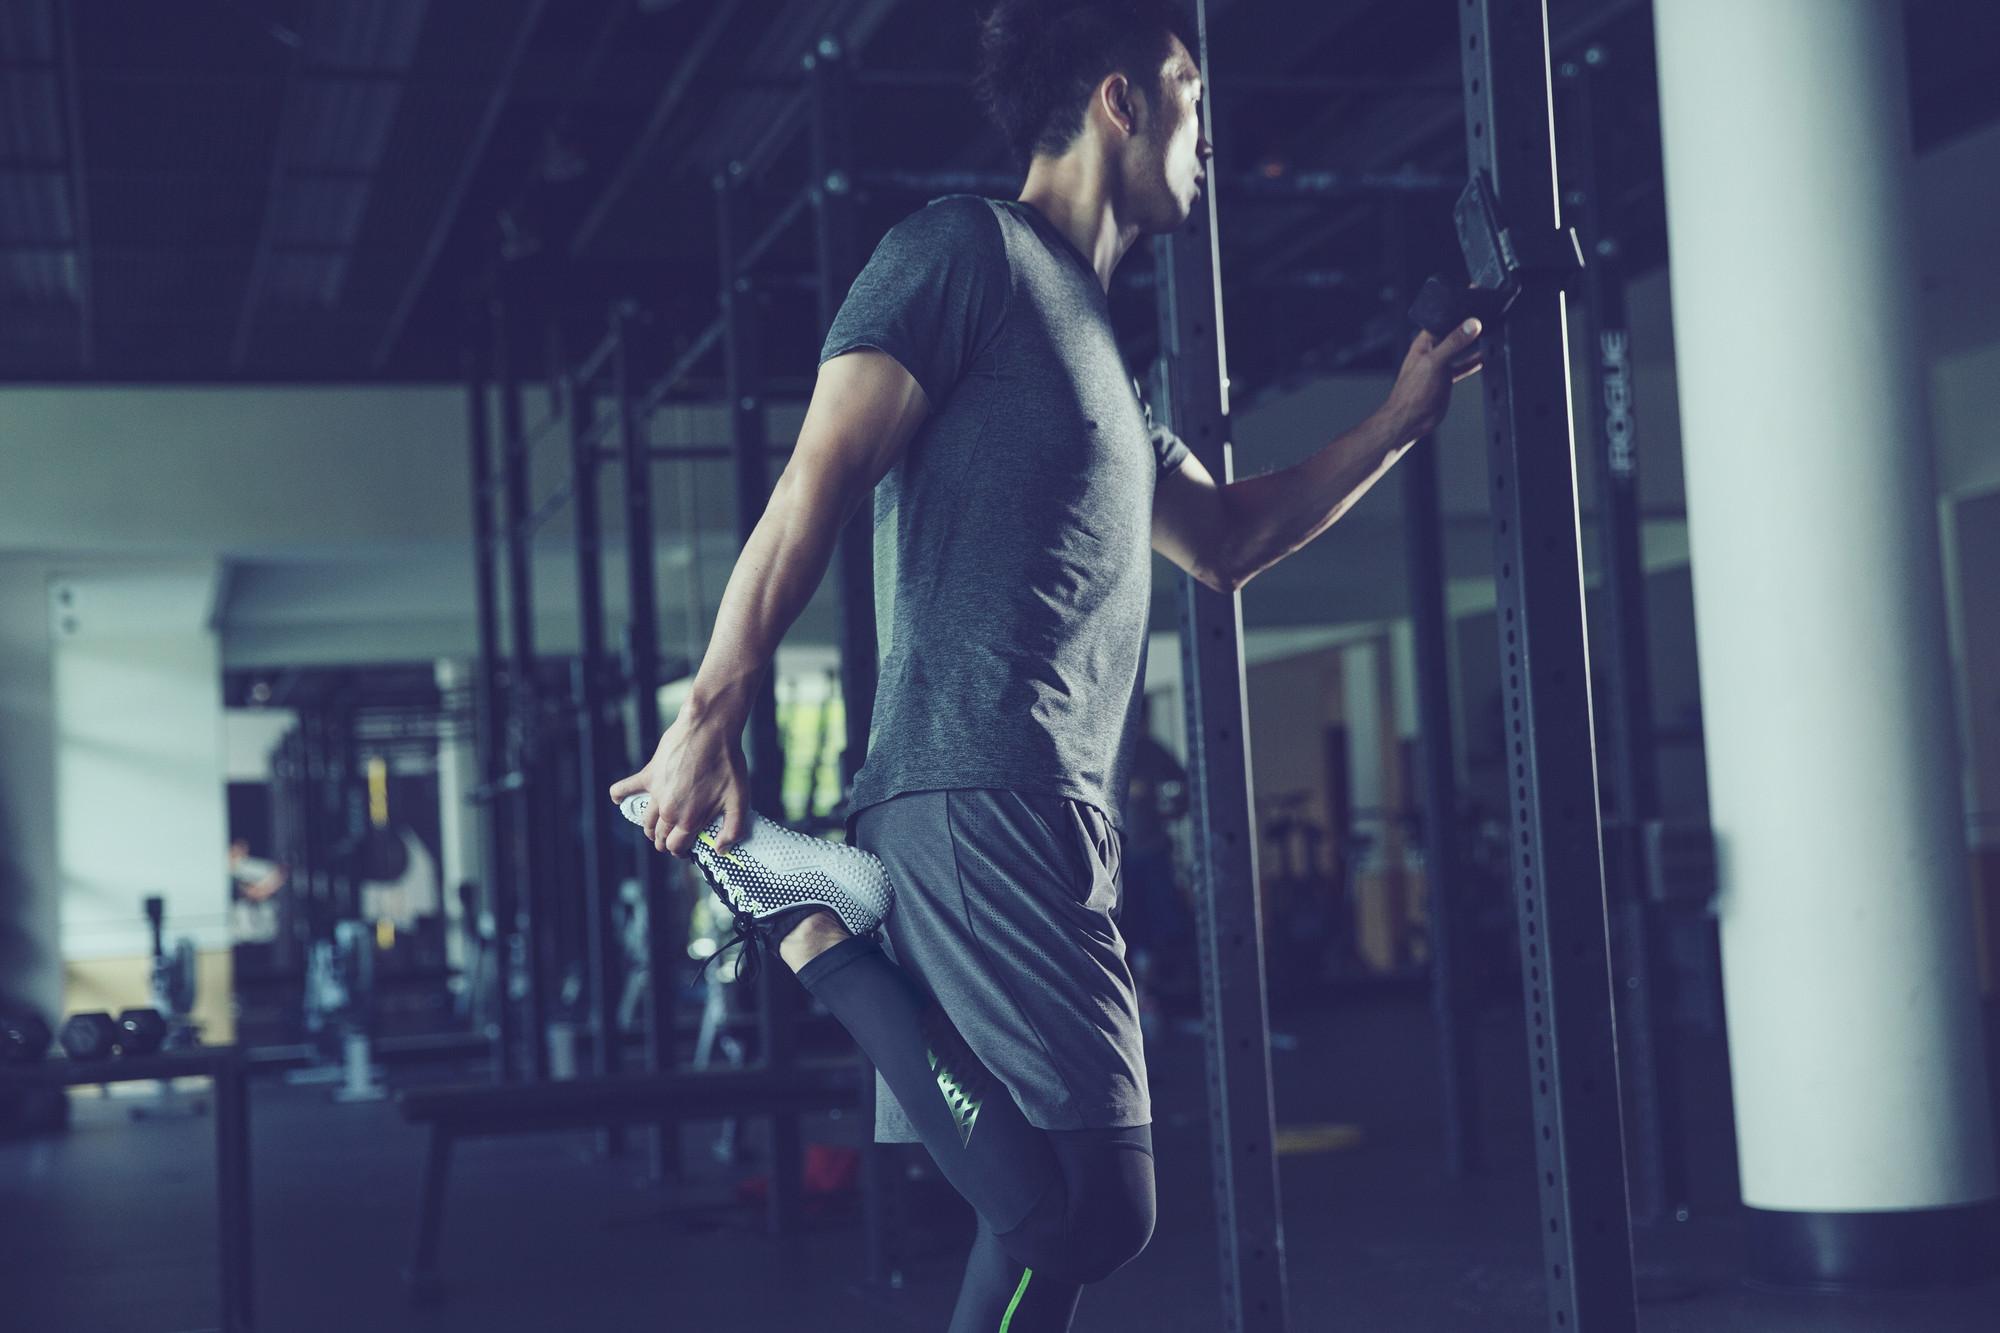 Nike Free Barefoot Training Shoe